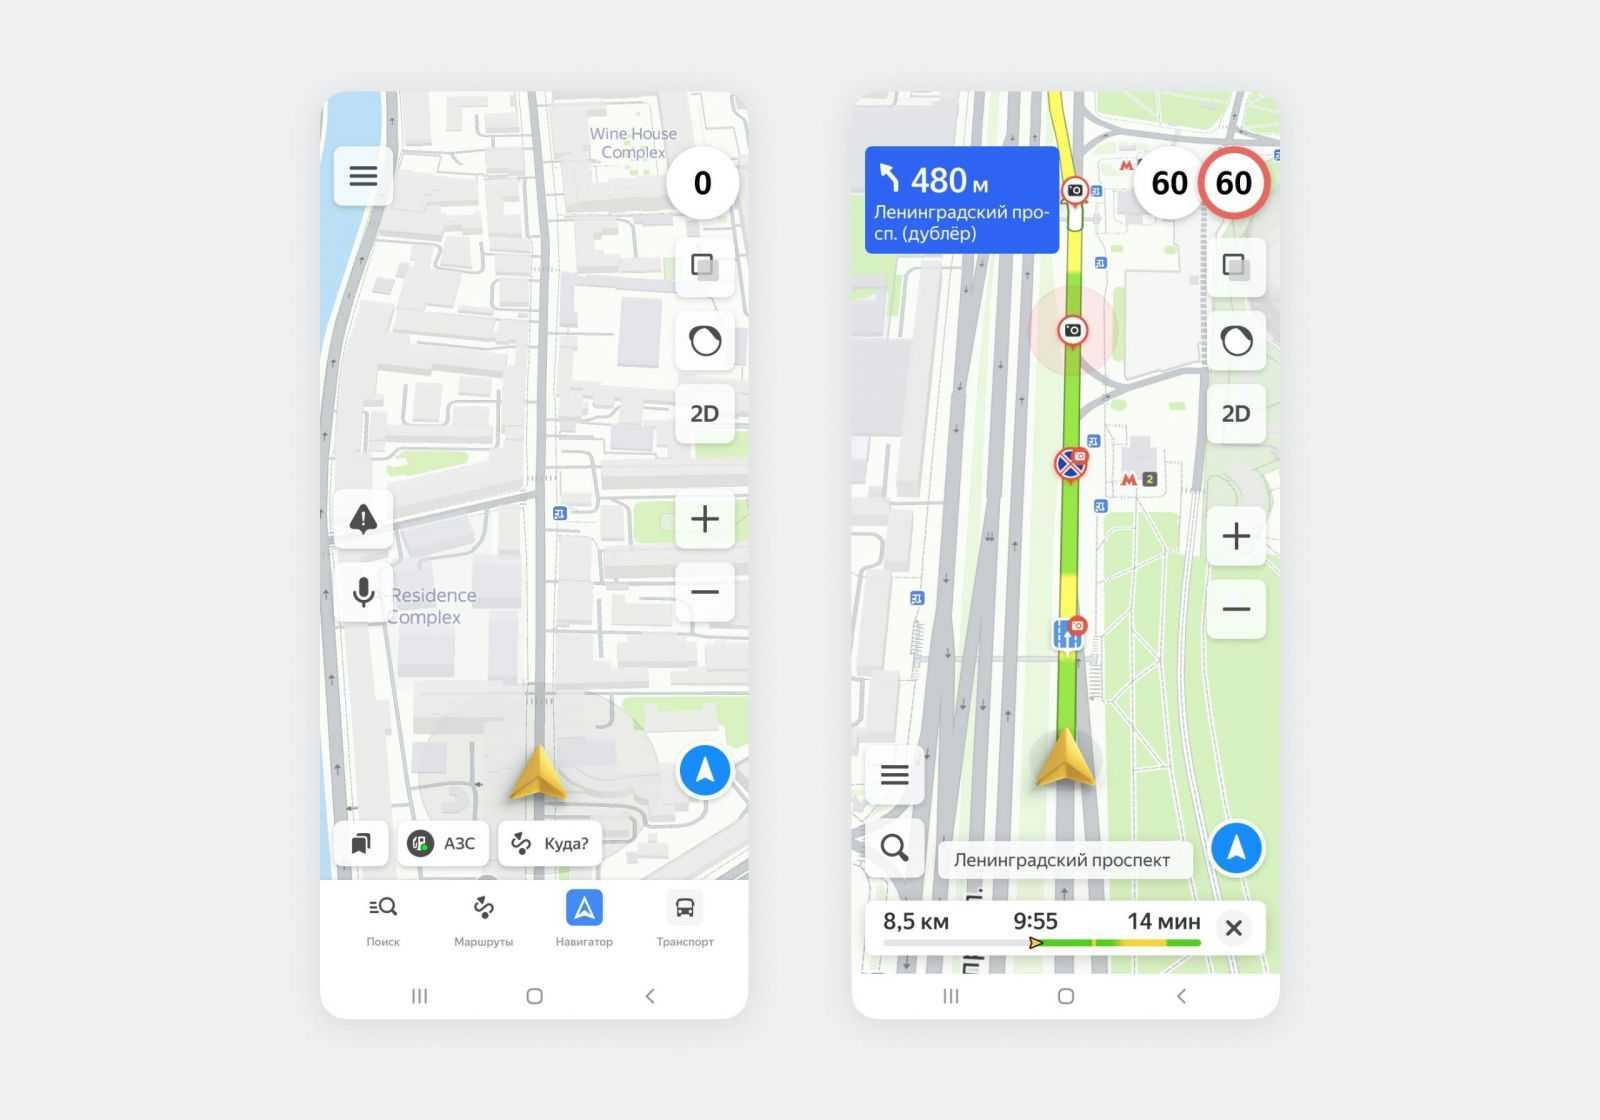 Яндекс добавил Навигатор в Карты Яндекс добавил Навигатор в Карты